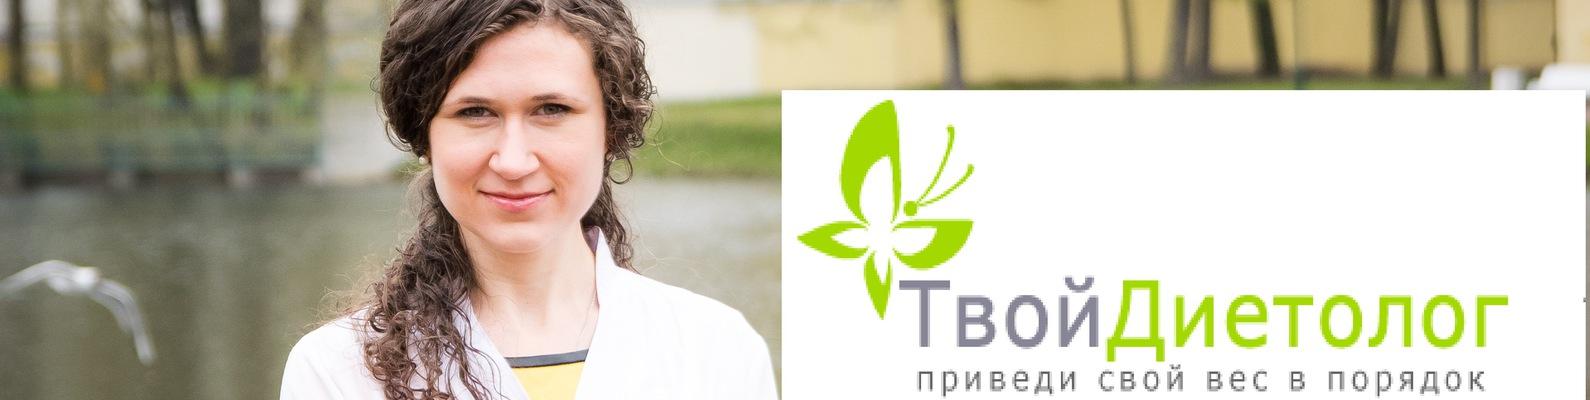 Член национальной ассоциации диетологов и нутрициологов россии наталья круглова